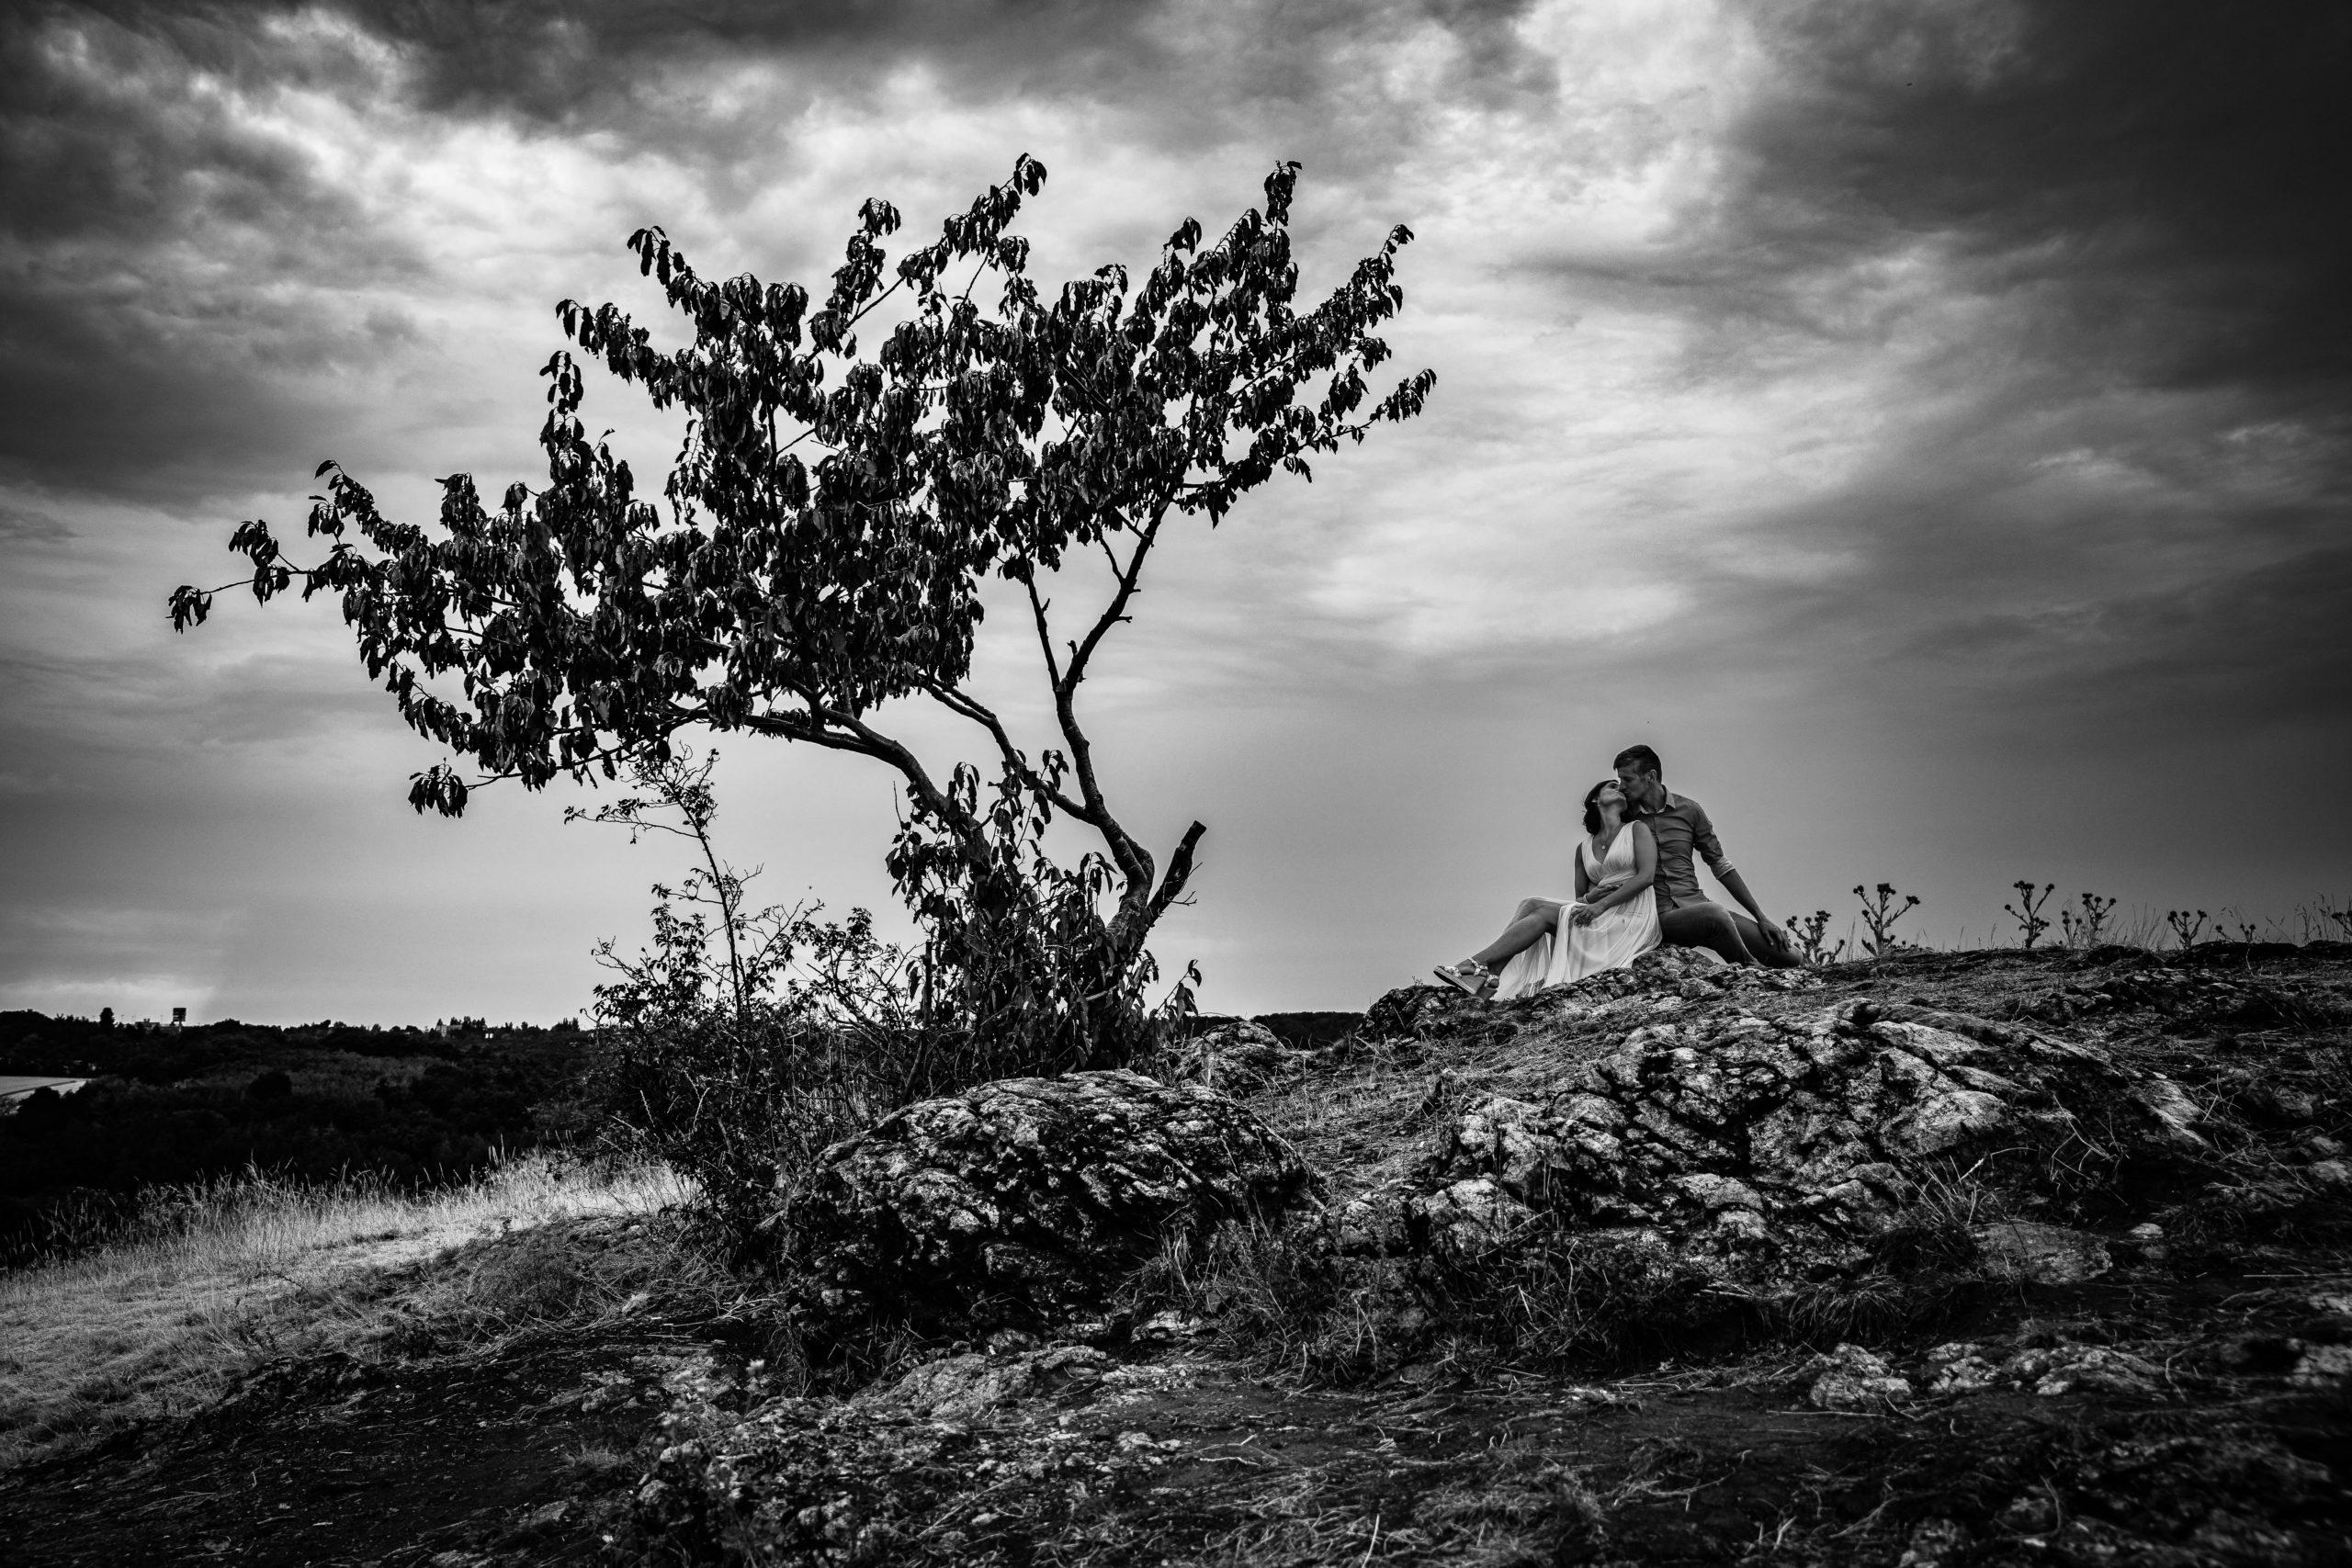 černobílá úprava fotografie s přírodou